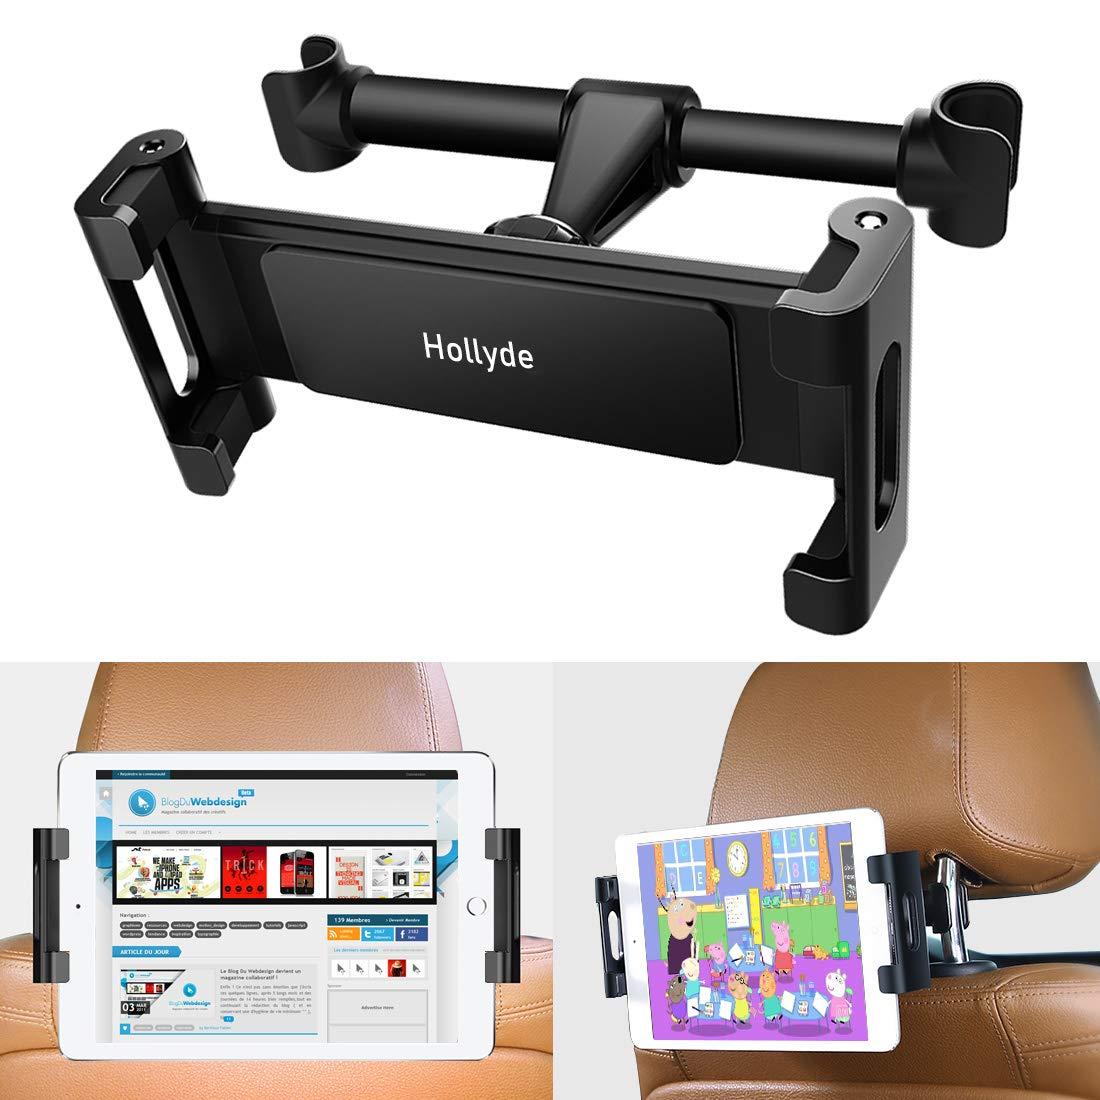 Supporto per tablet per auto poggiatesta, girevole a 360 ° regolabile, universale per tablet da 4,7-12,9 pollici, iPad, smartphone, e-reader.(Nero) girevole a 360 ° regolabile Hollyde